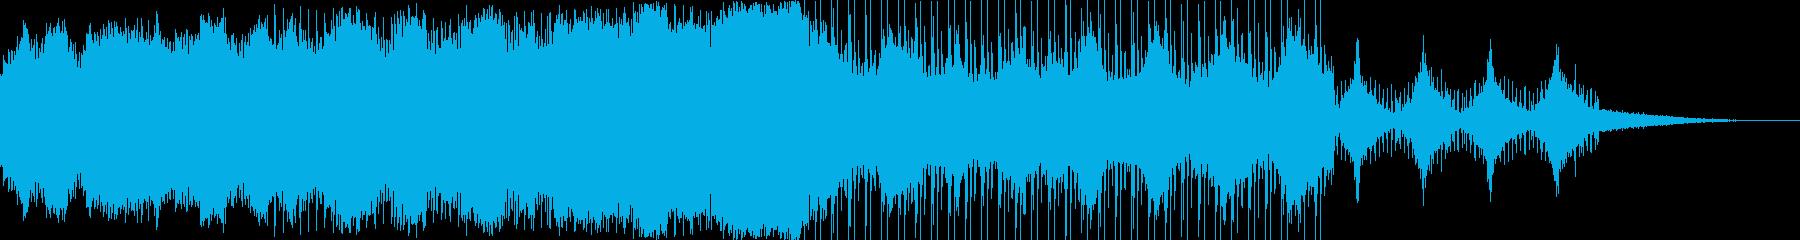 【おしゃれ系インスト曲】東京、都会、雨の再生済みの波形